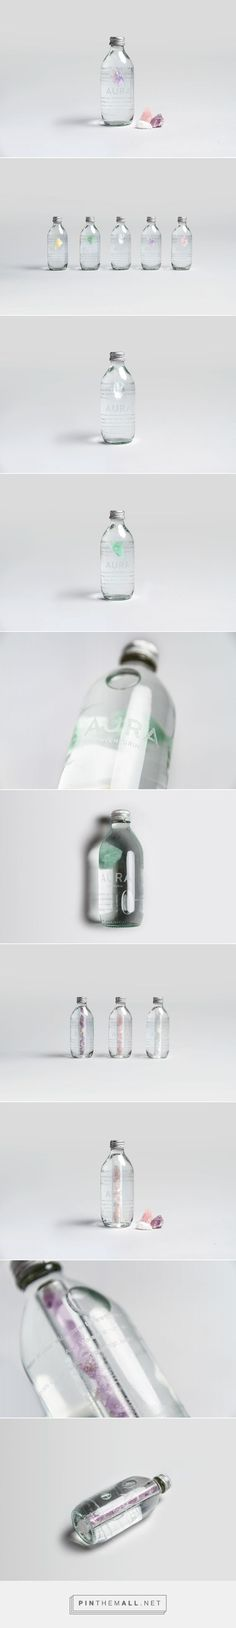 AURA – Water Packaging on Behance #packaging #package #design #water #bottle #gemstone #esoterism #jewel #pure #branding #energy #life